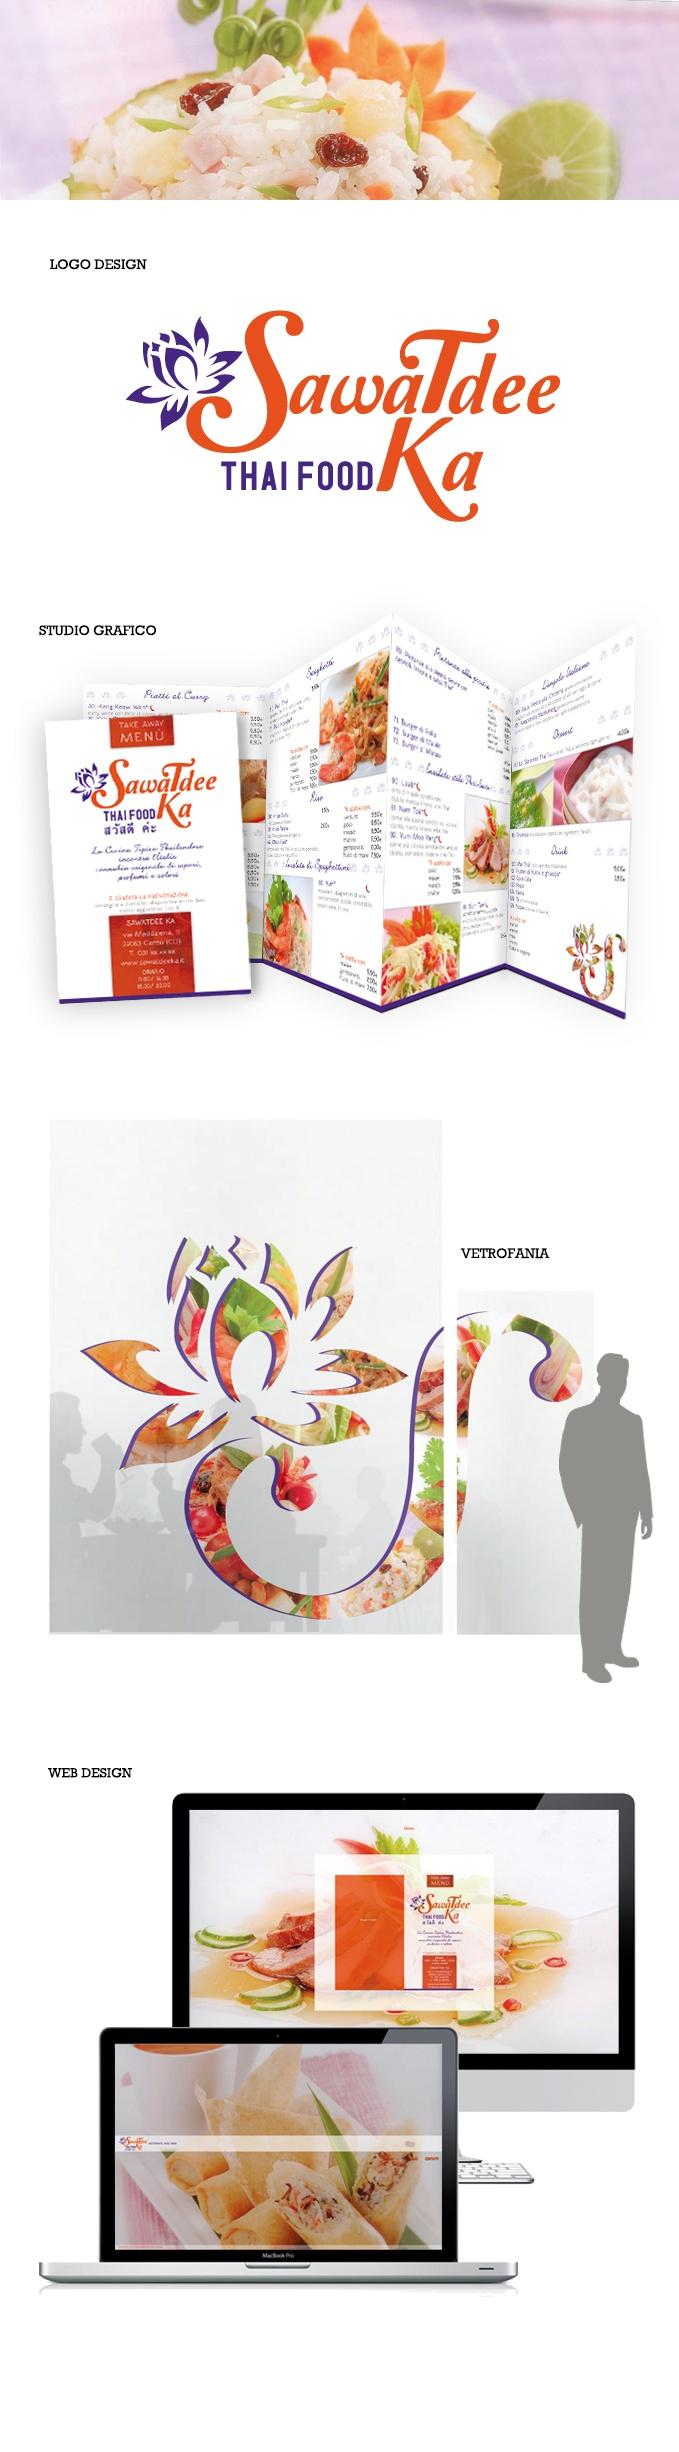 SAWATDEE KA - Logo Design, Studio grafico e Web design - Può una Vetrina stimolare l'appetito? Abbiamo curato l'immagine coordinata. Dal Brand alla Vetrofania. Il Menù è completo e accattivante grazie alla scelta cromatica vicina ai profumi e sapori del vero cibo Thailandese.